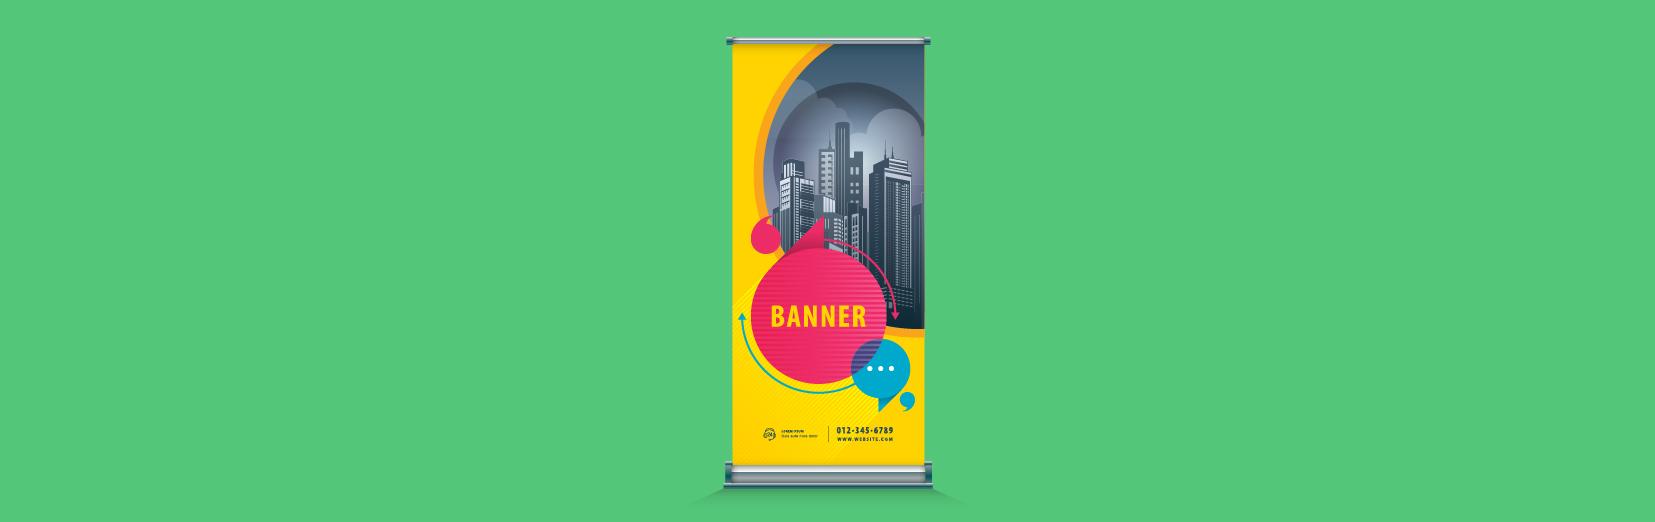 3 dicas para criar um banner de sucesso para sua marca